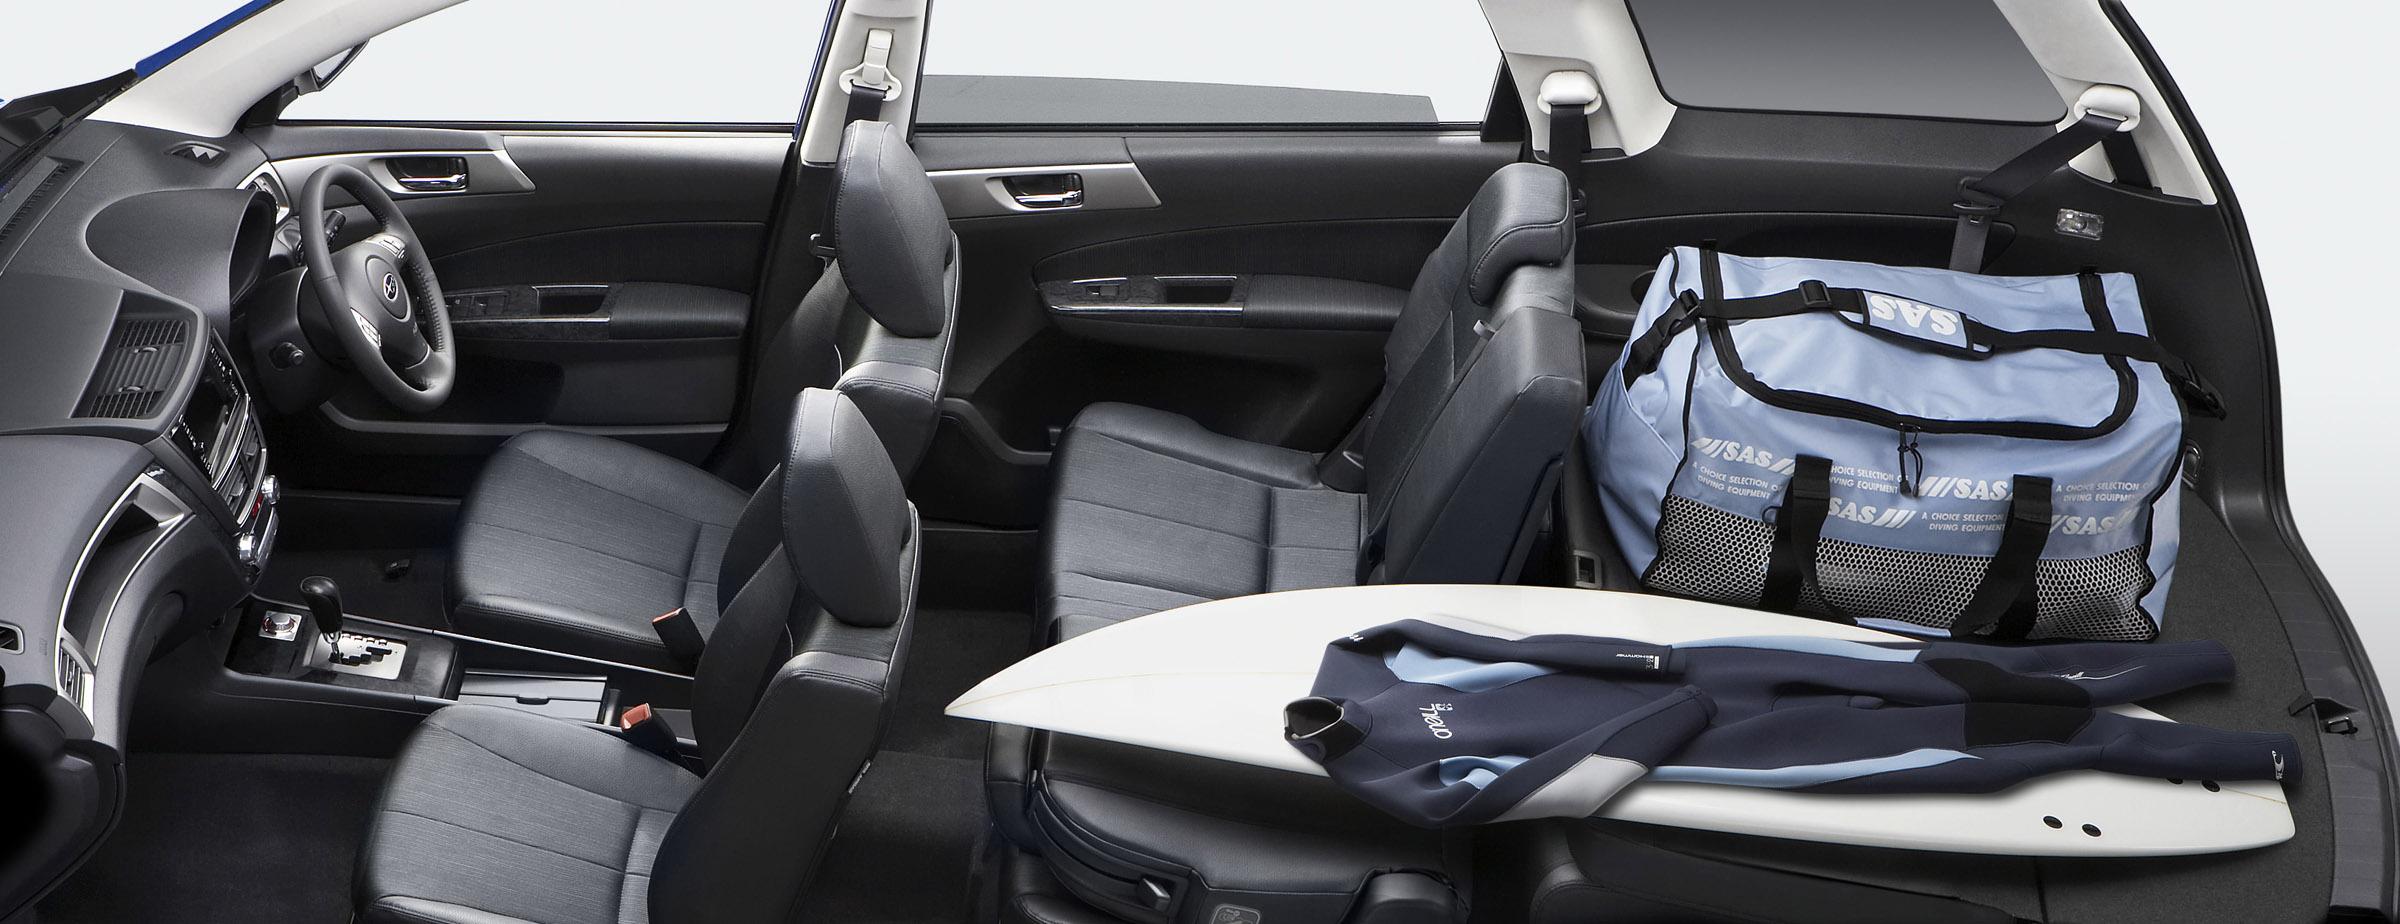 FHI представила новую модель Subaru EXIGA, семи-местный для Panorama Touring - фотография №11